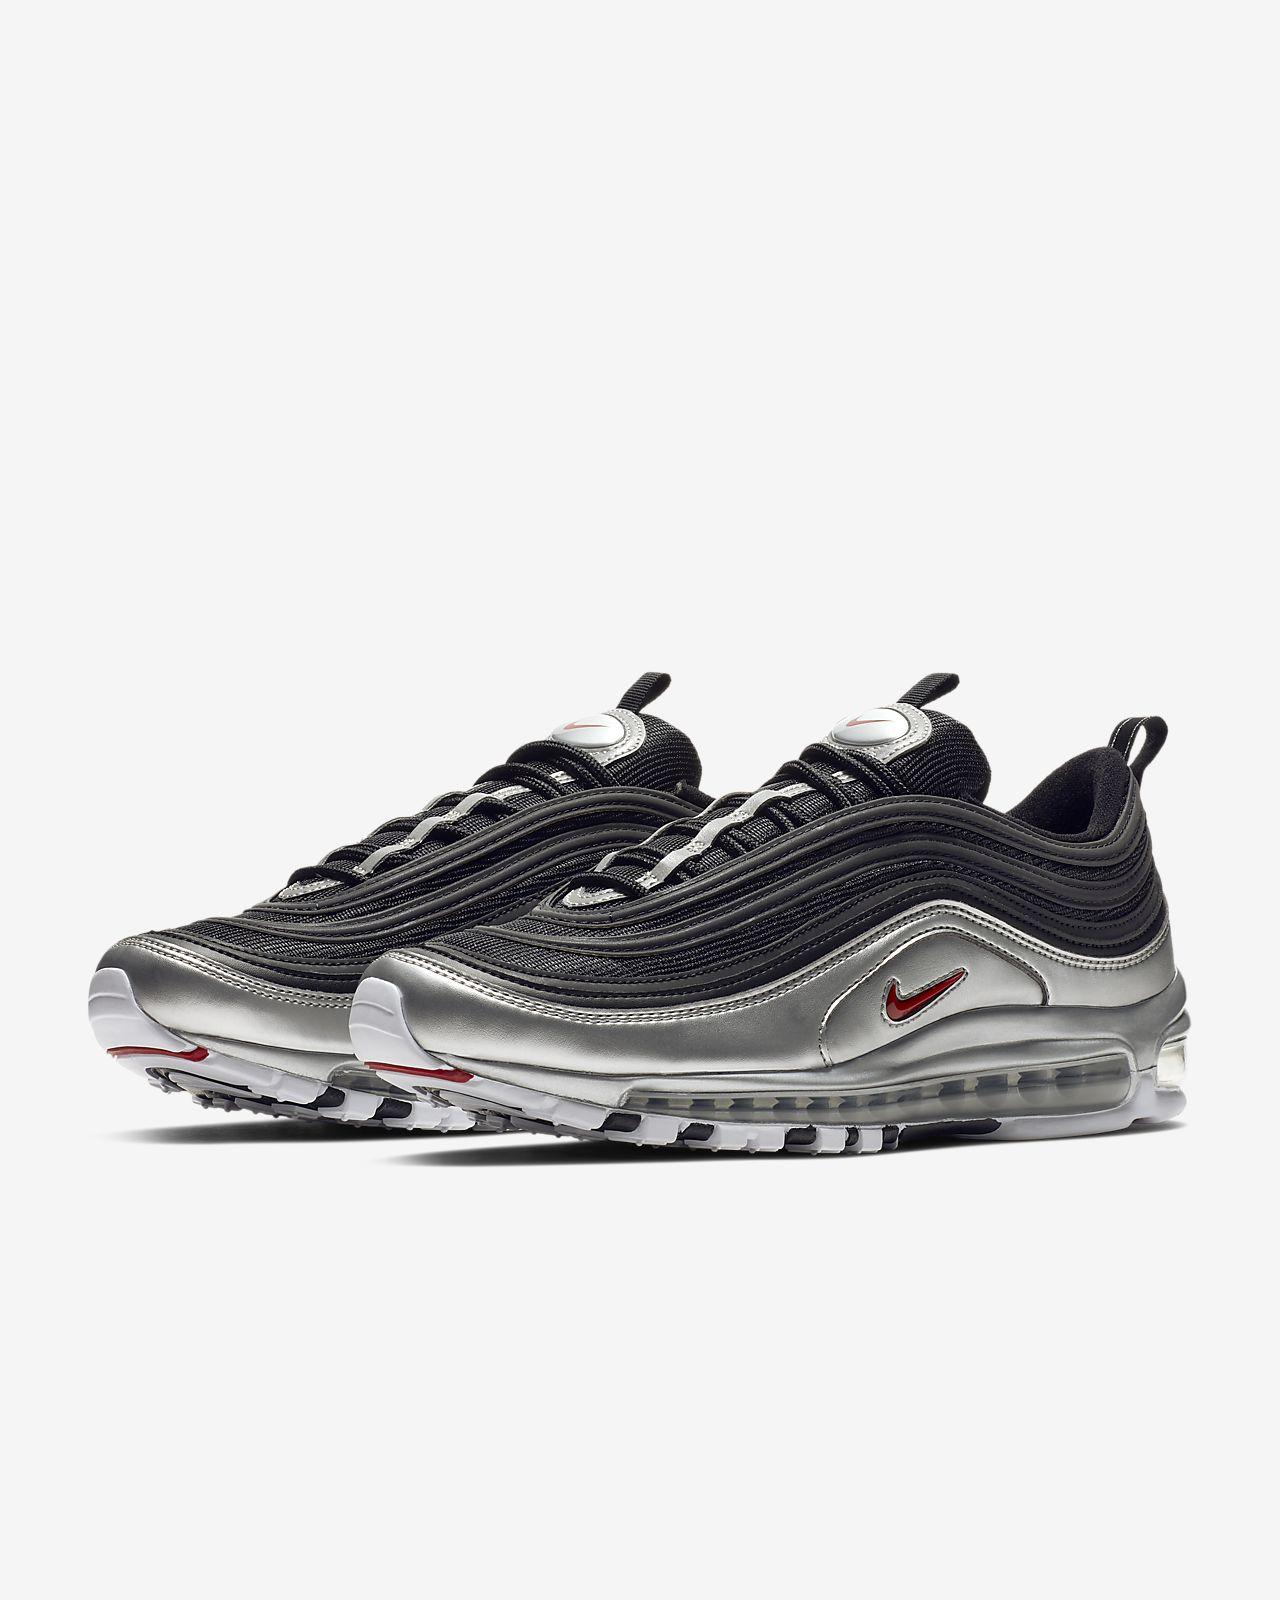 save off 3a559 b5578 ... Nike Air Max 97 QS Men s Shoe